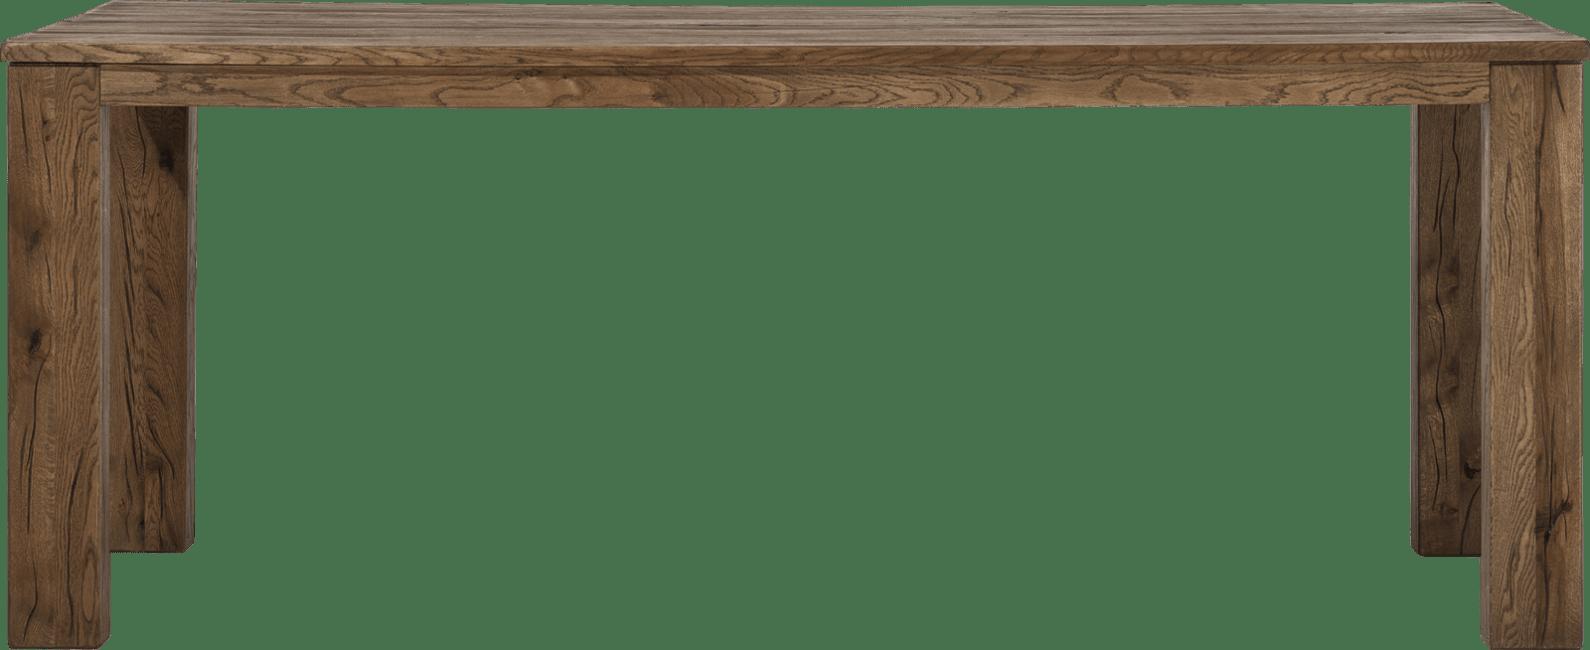 Masters - bartafel 240 x 100 cm - hout 12x12/10x14